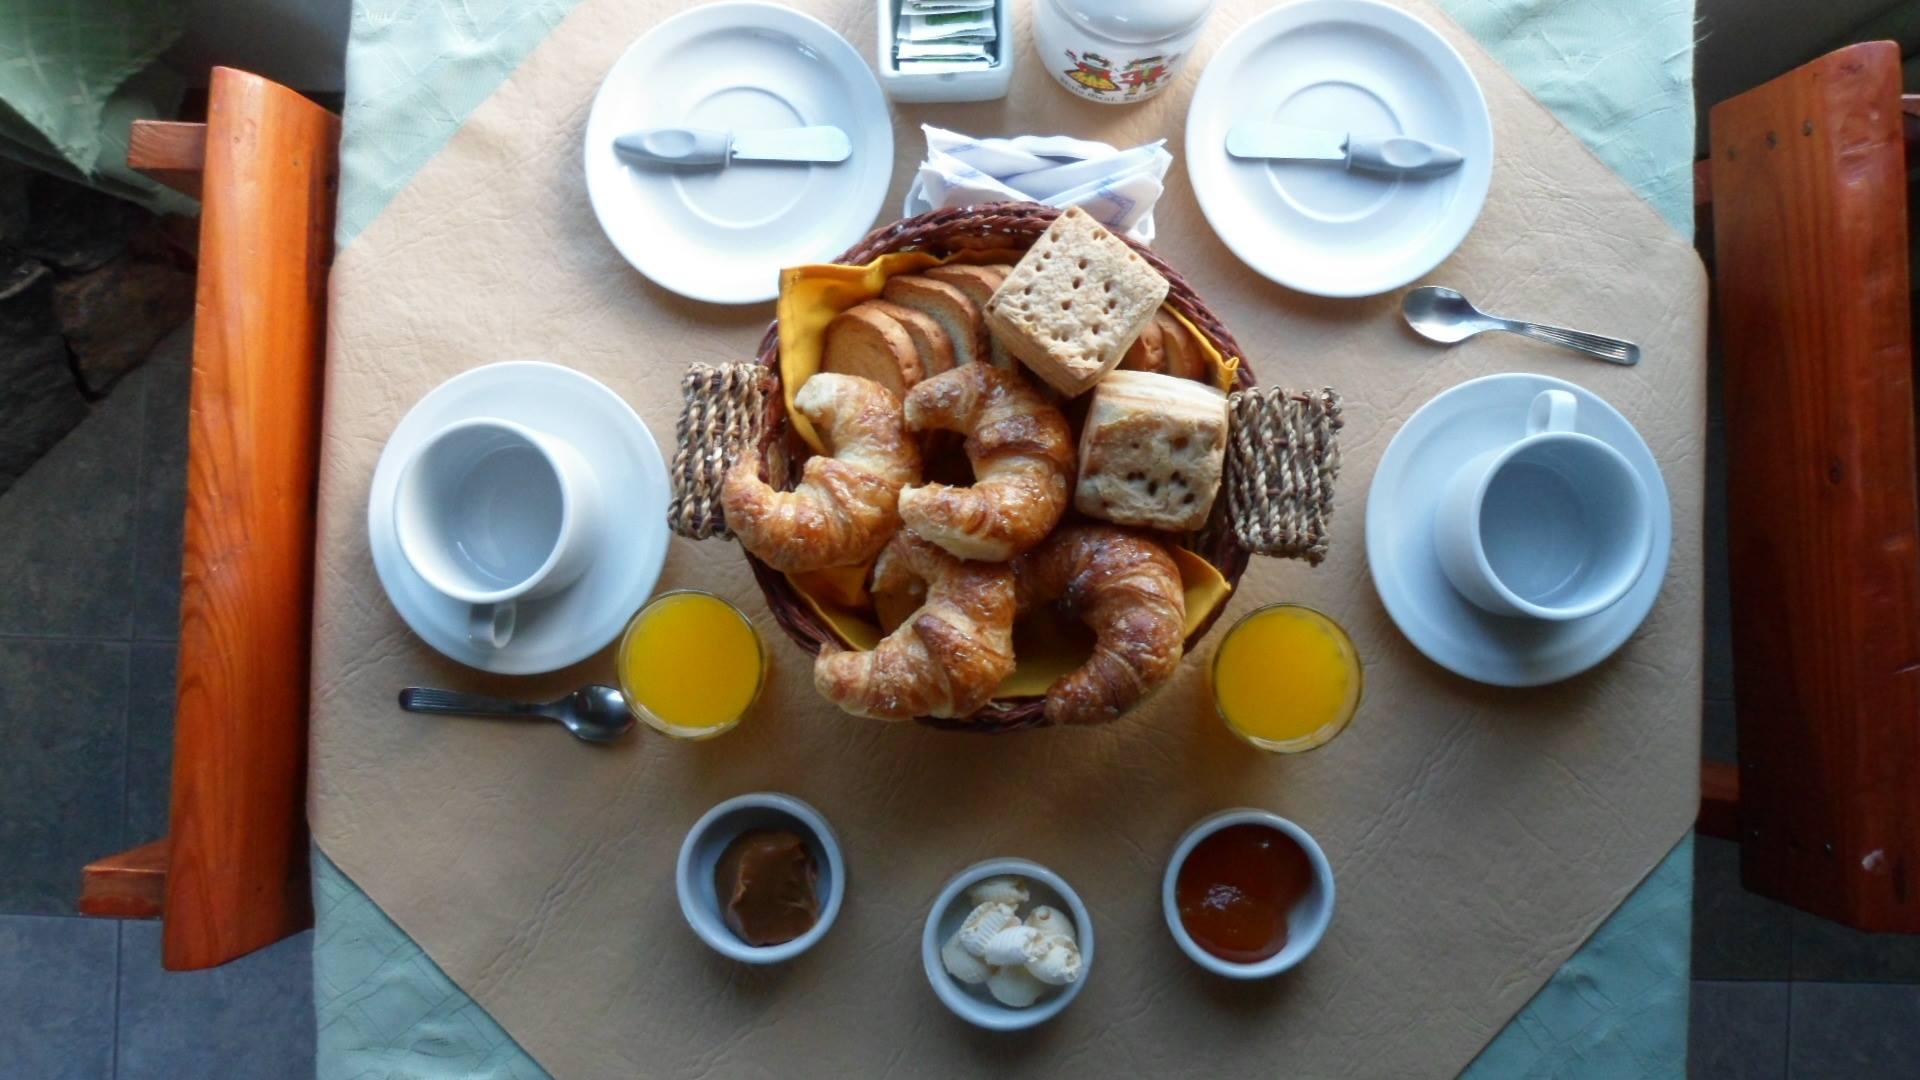 Desayuno Posada Emanuel en Villa General Belgrano